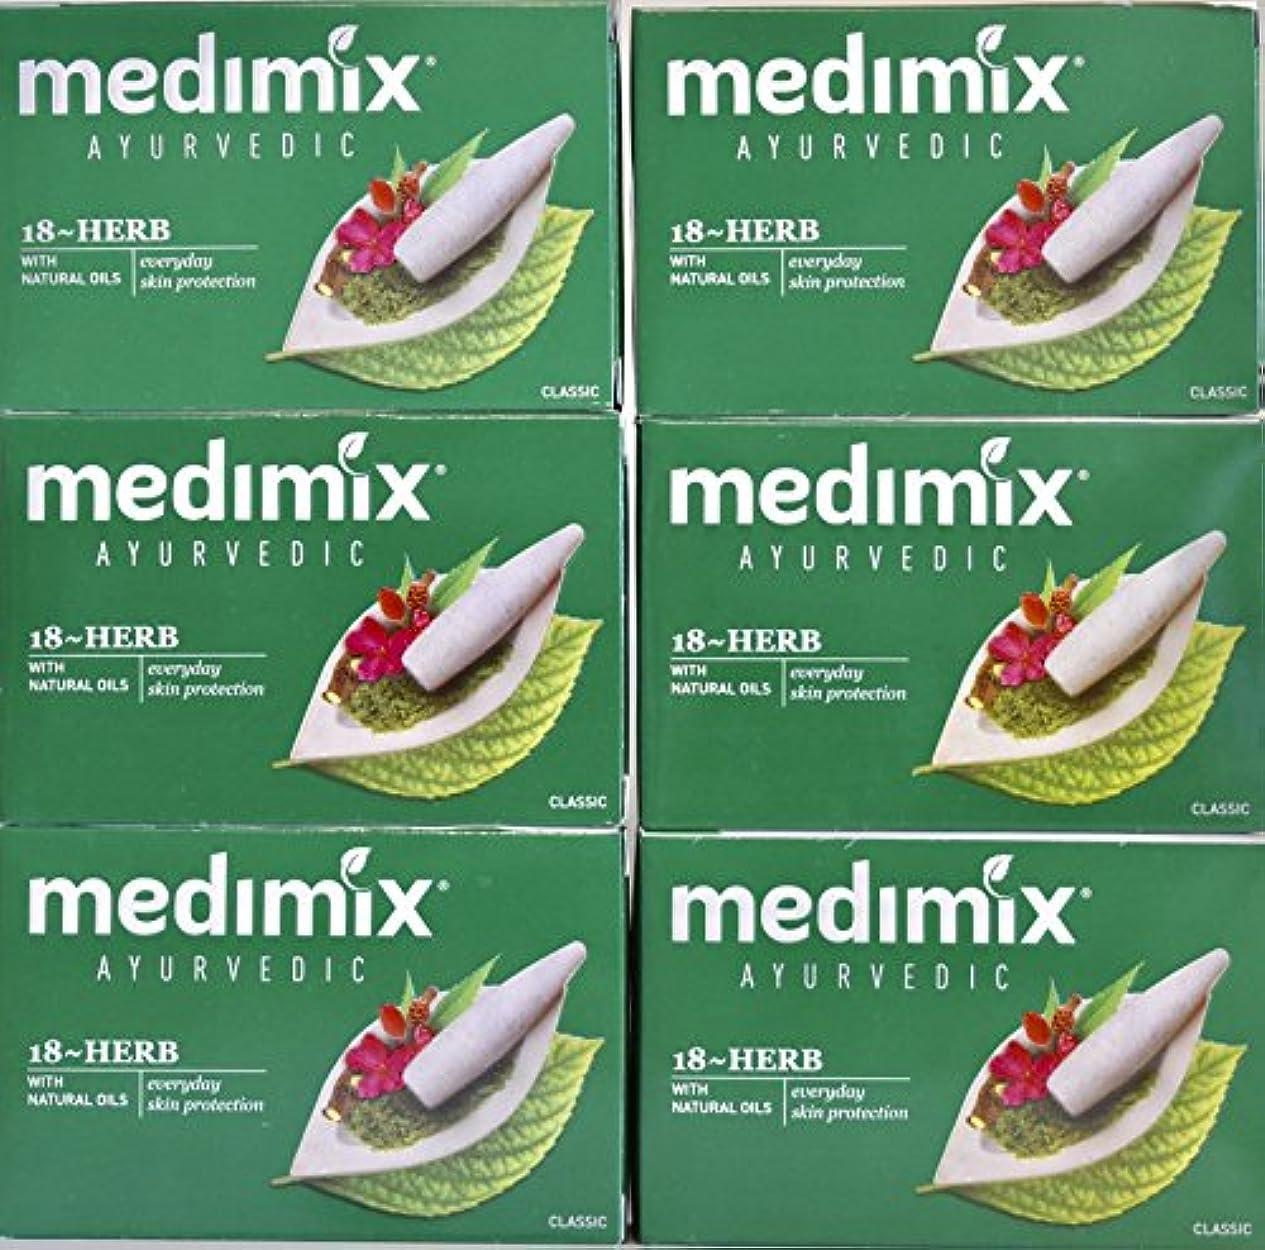 合わせて明確な手を差し伸べるMEDIMIX メディミックス アーユルヴェーダ石鹸 18ハーブス6個セット